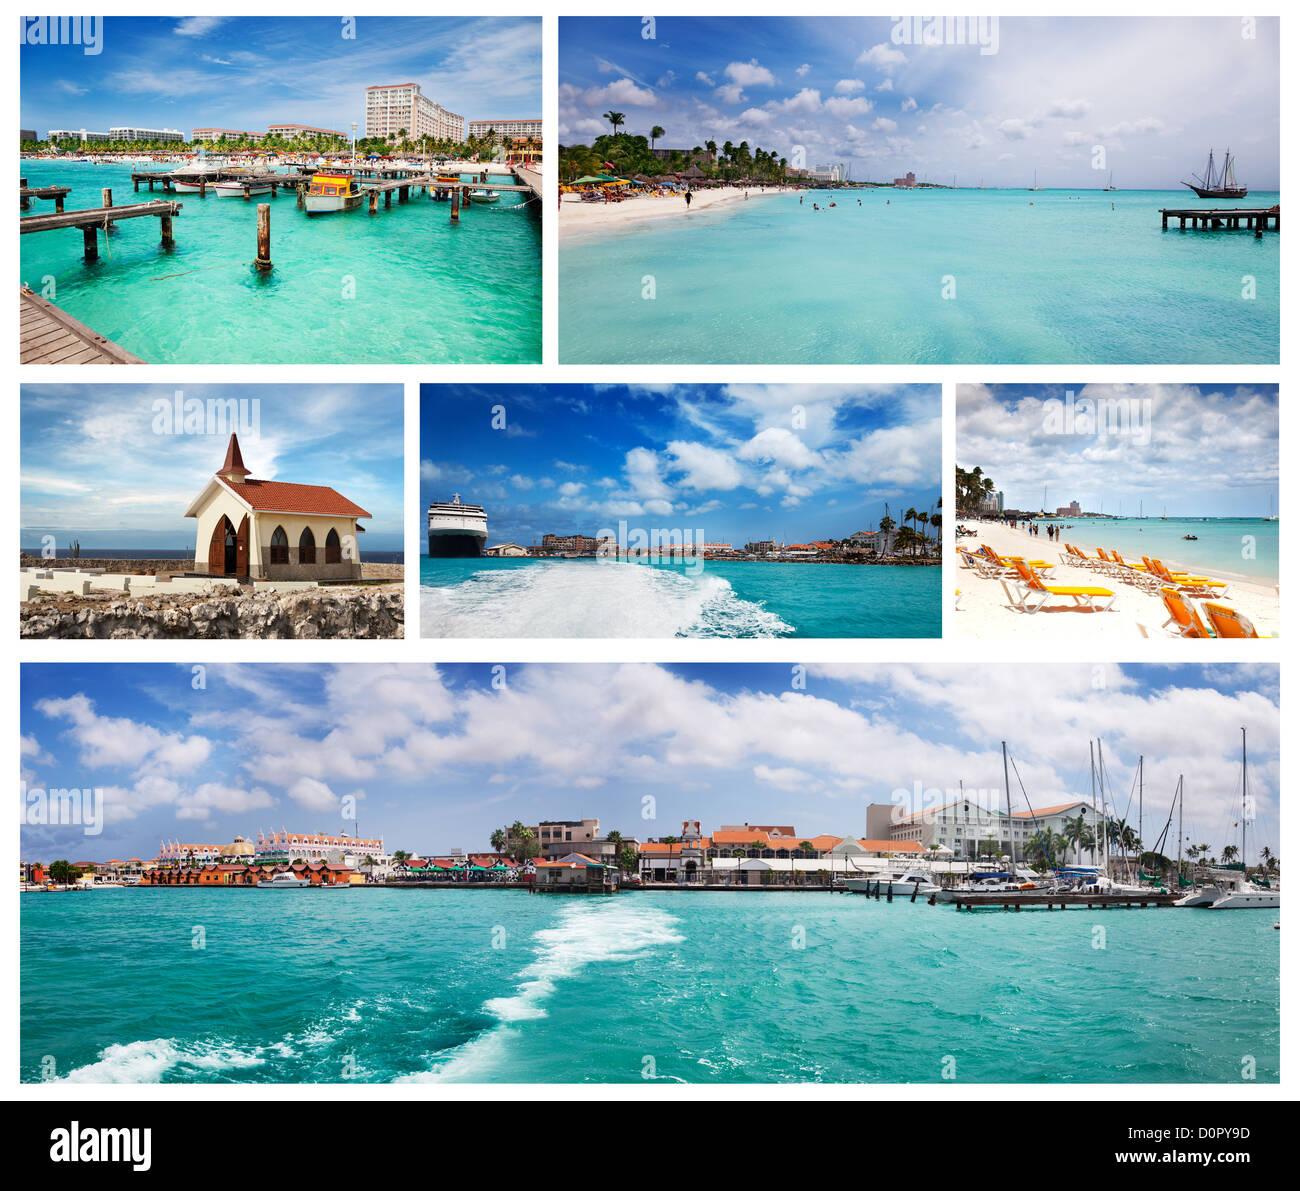 Views of Palm Beach, Oranjestad and the Chapel, Aruba - Stock Image